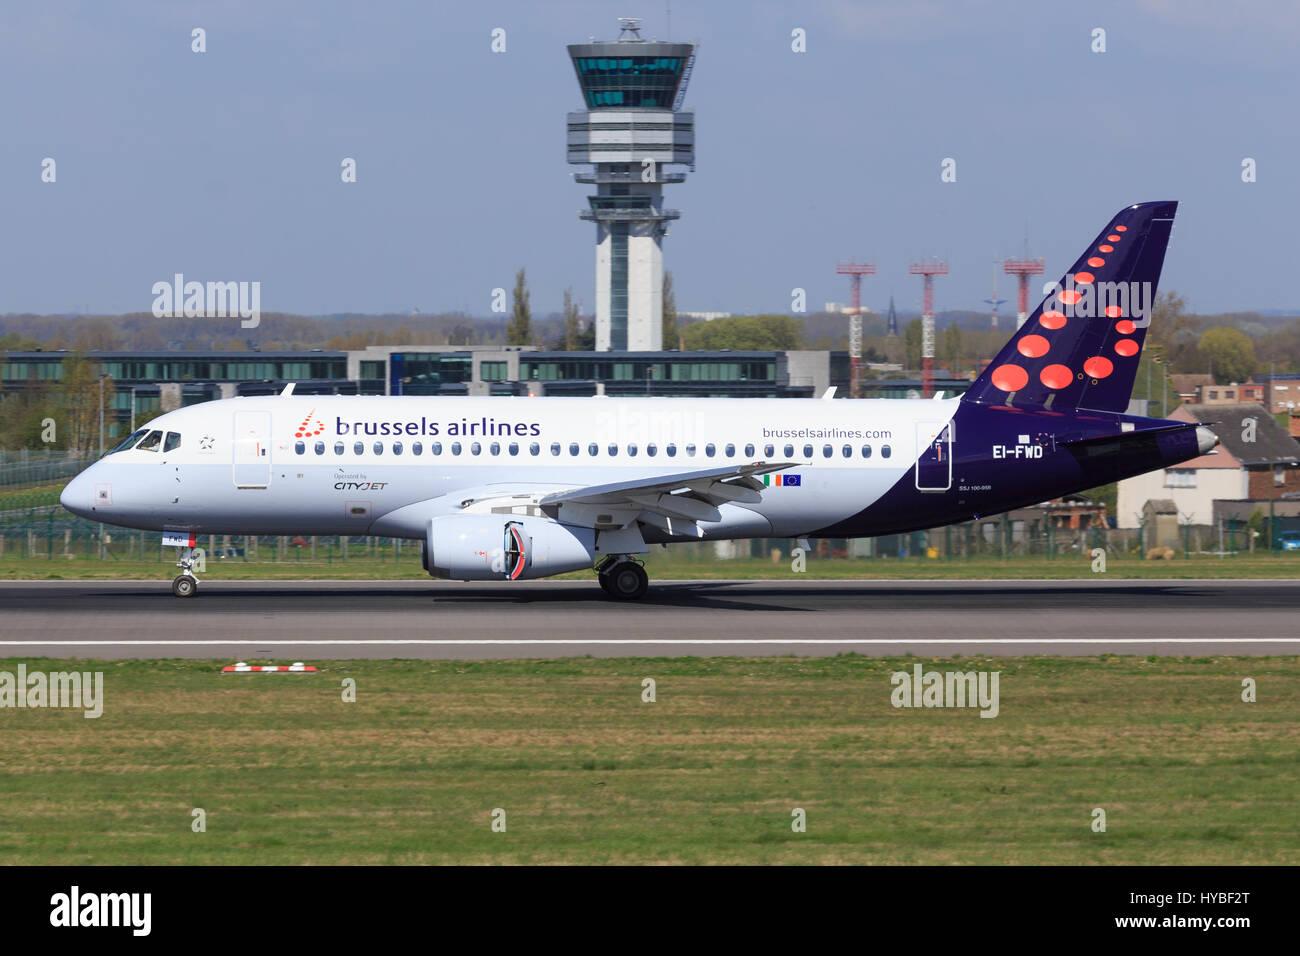 Brüssel/Belgian March 13, 2017: Superjet 100 from Cityjet at Brüssel Airport. - Stock Image